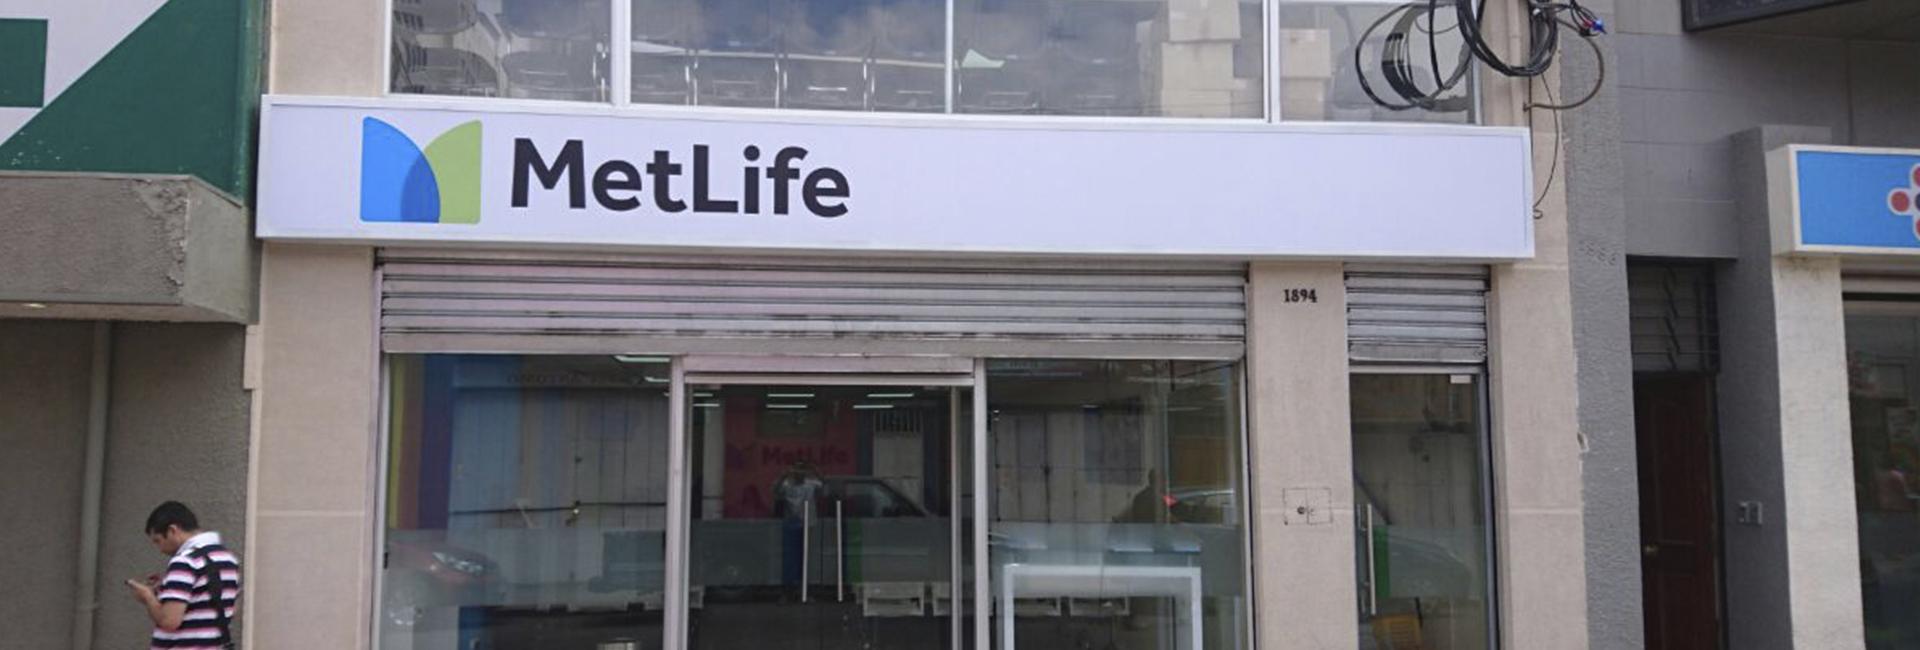 Calama Metlife